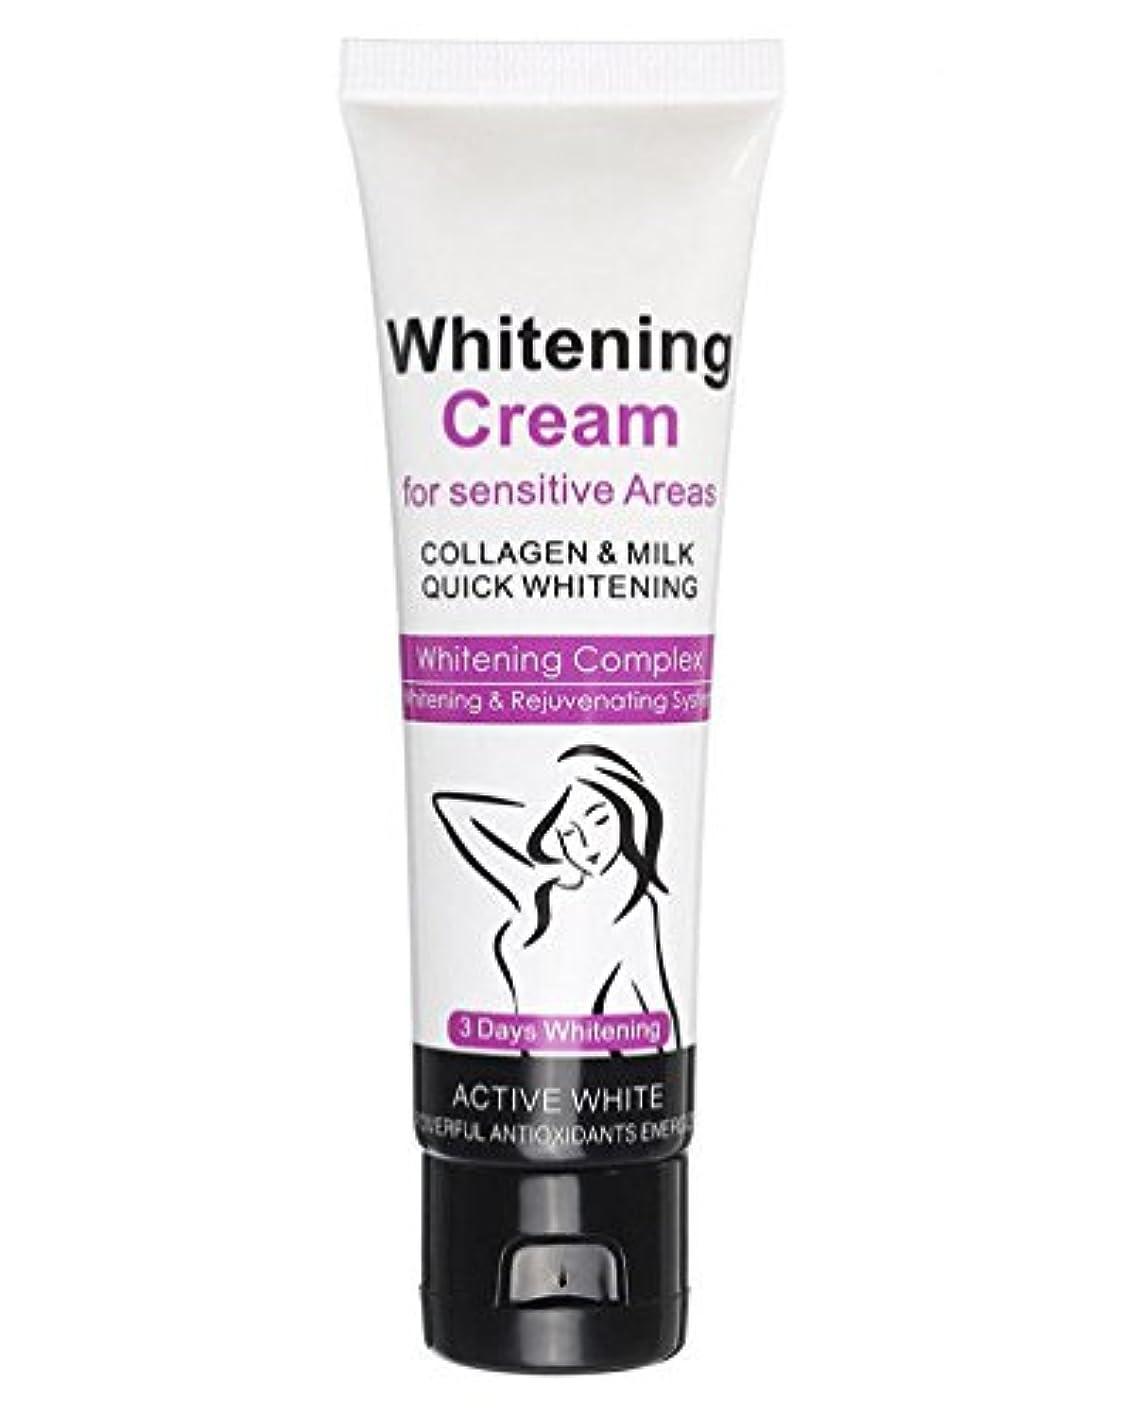 悲劇的な透明にツーリストホワイトニング  クリーム  女性    全身塗り   脇下   アンダーアームスポット  黒い肌  ビキニ 肘ひじ  ライトニング